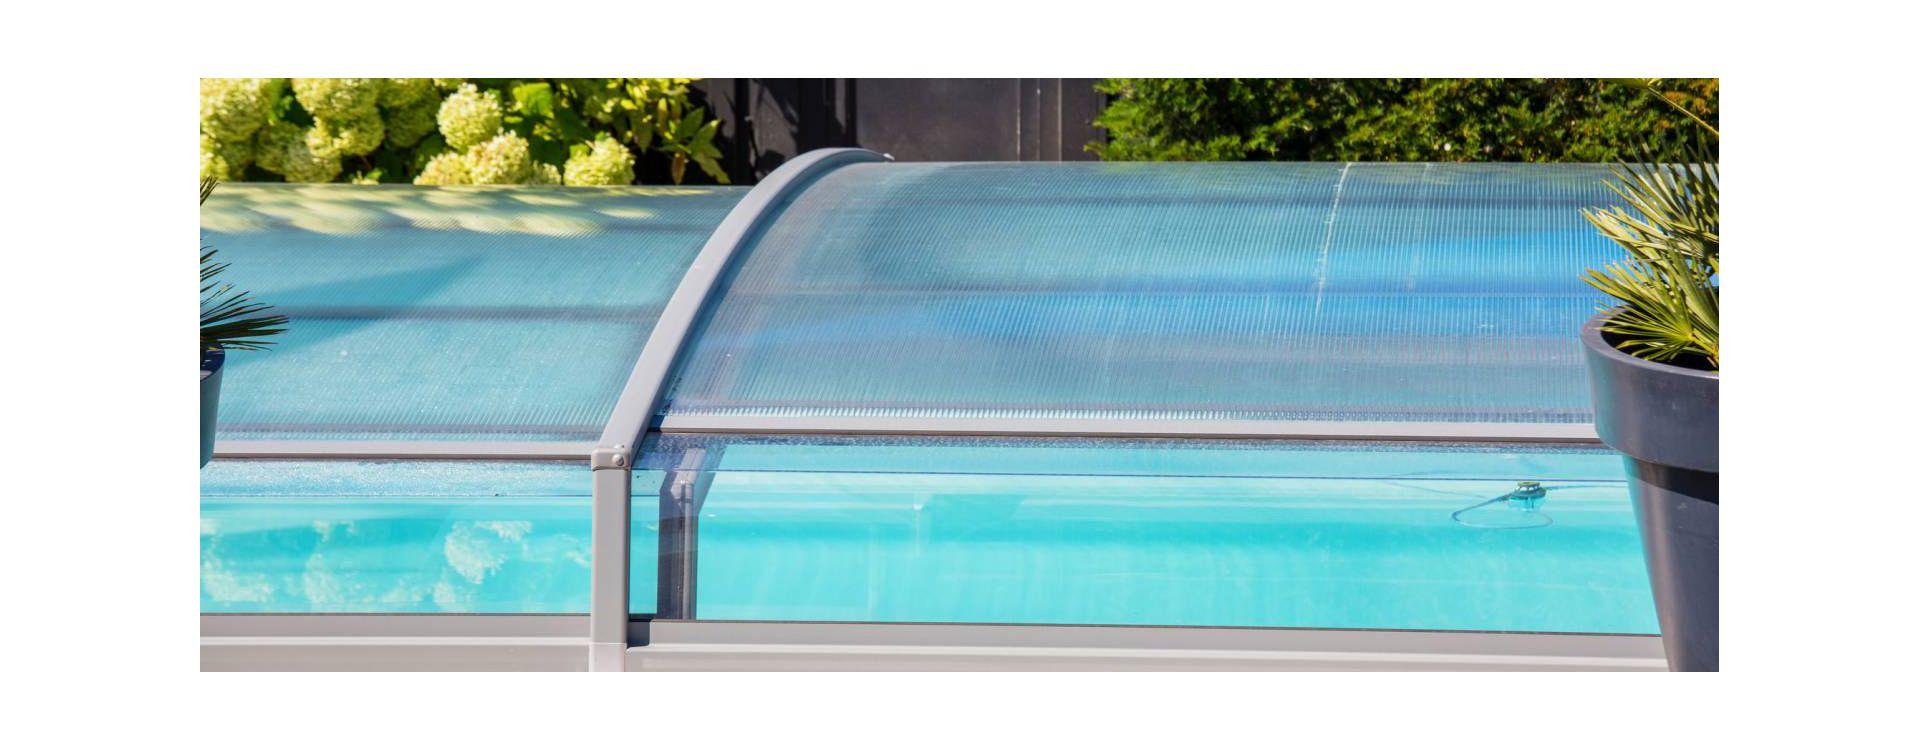 Comment remplir sa piscine la mise en eau d 39 une piscine - Comment recuperer eau trouble piscine ...